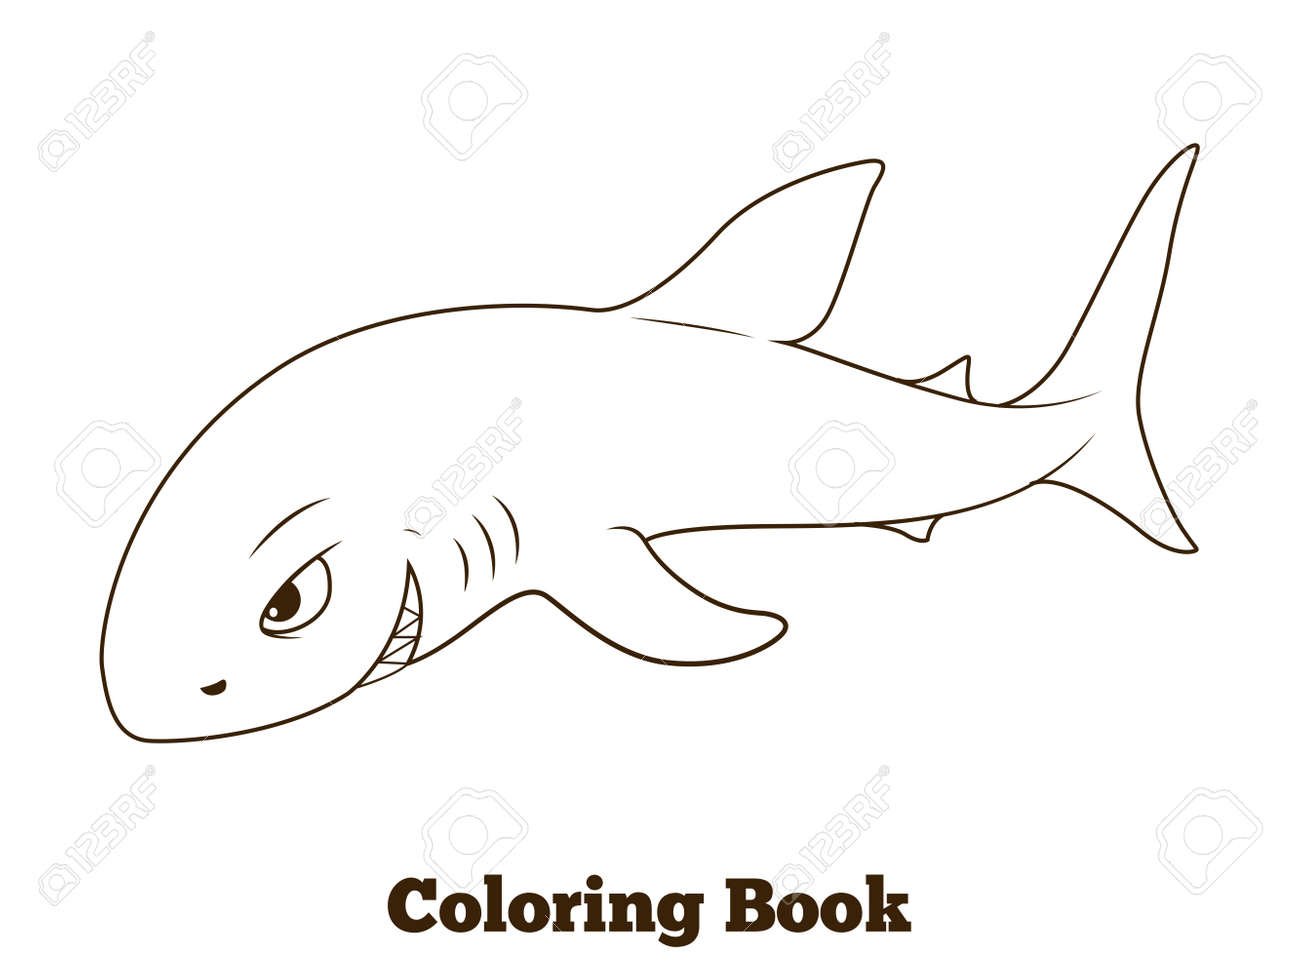 Libro Para Colorear Dibujos Animados De Tiburón Ilustración Vectorial Educativa